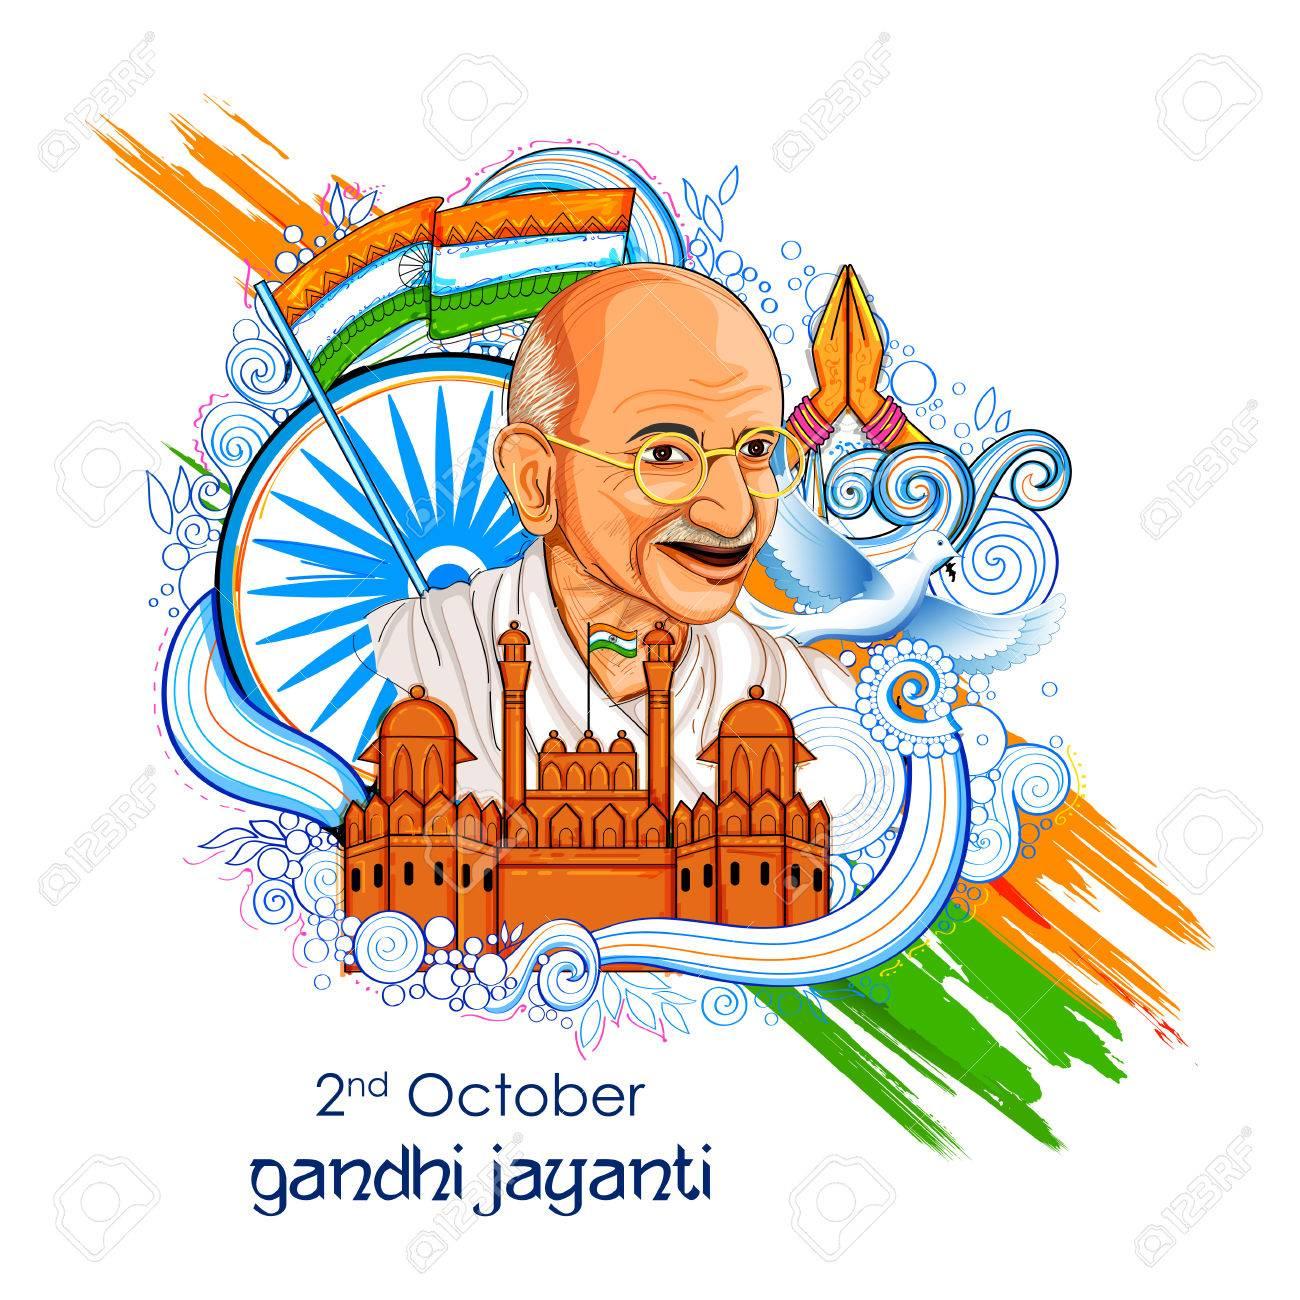 illustration of India background for 2nd October Gandhi Jayanti Birthday Celebration of Mahatma Gandhi - 86158428